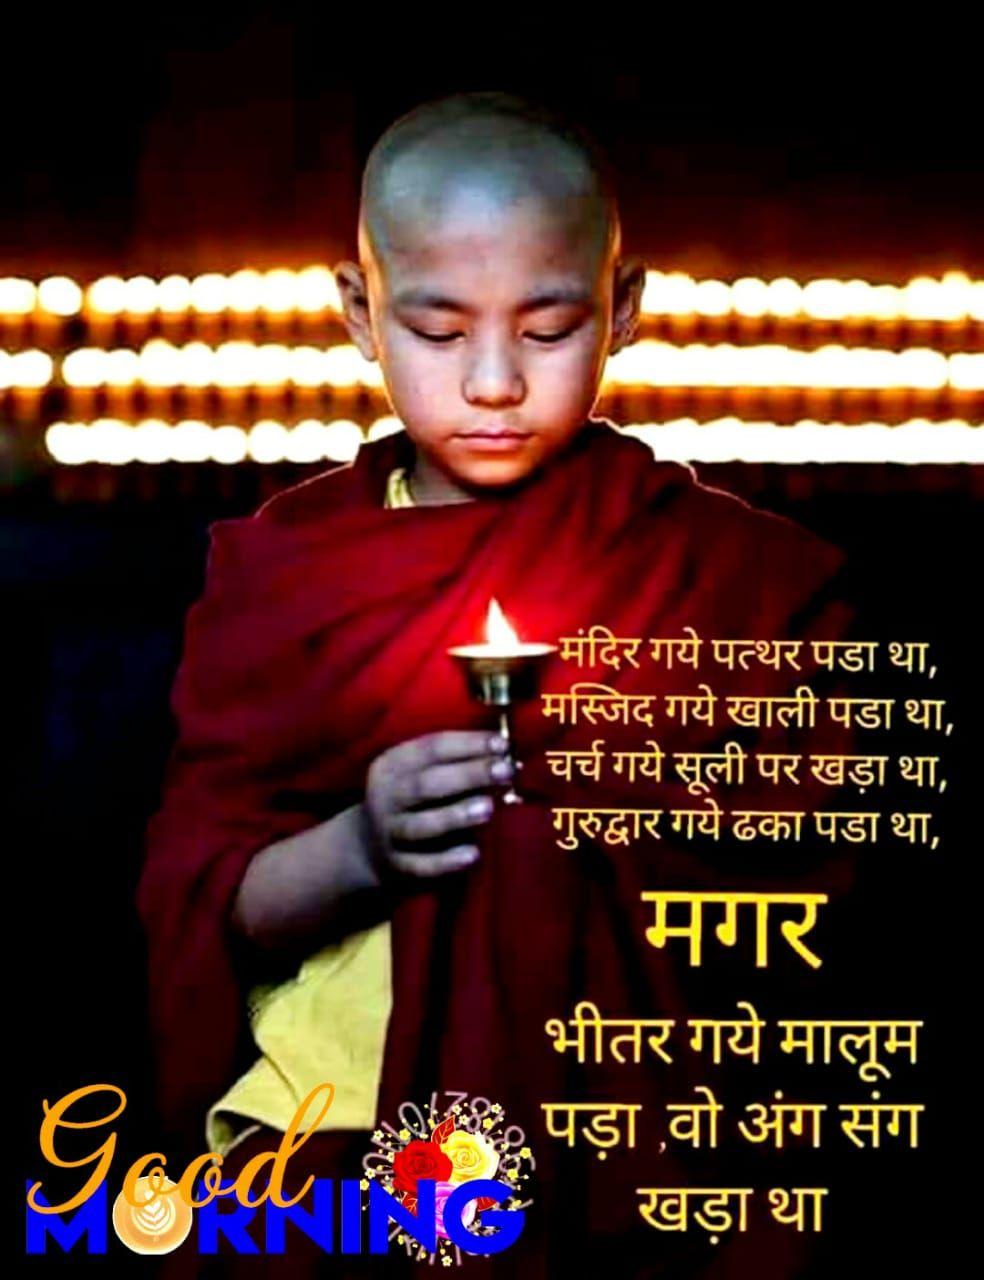 Pin By Good News Indians On Hindi Pinterest Hindi Quotes